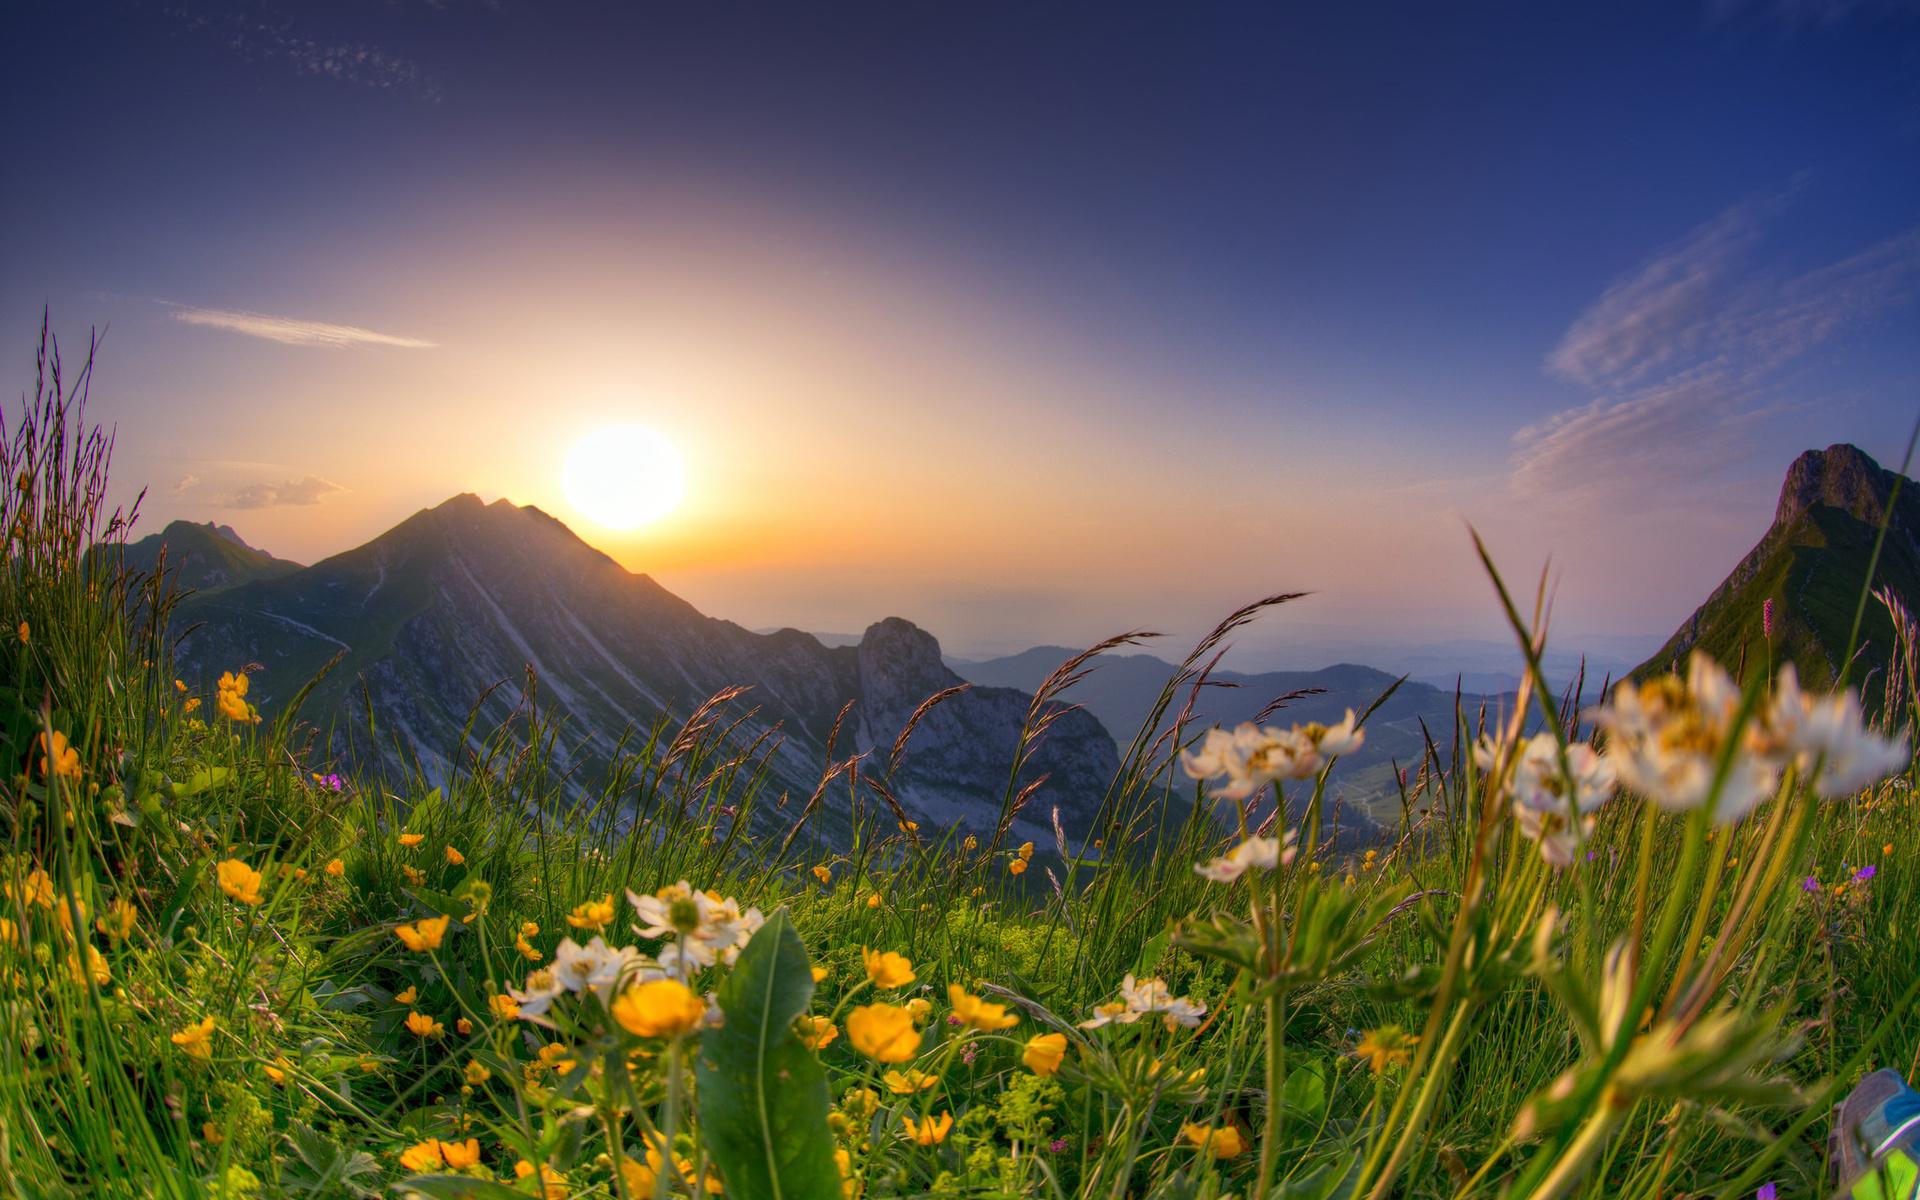 Альпийские луга картинки с добрым утром